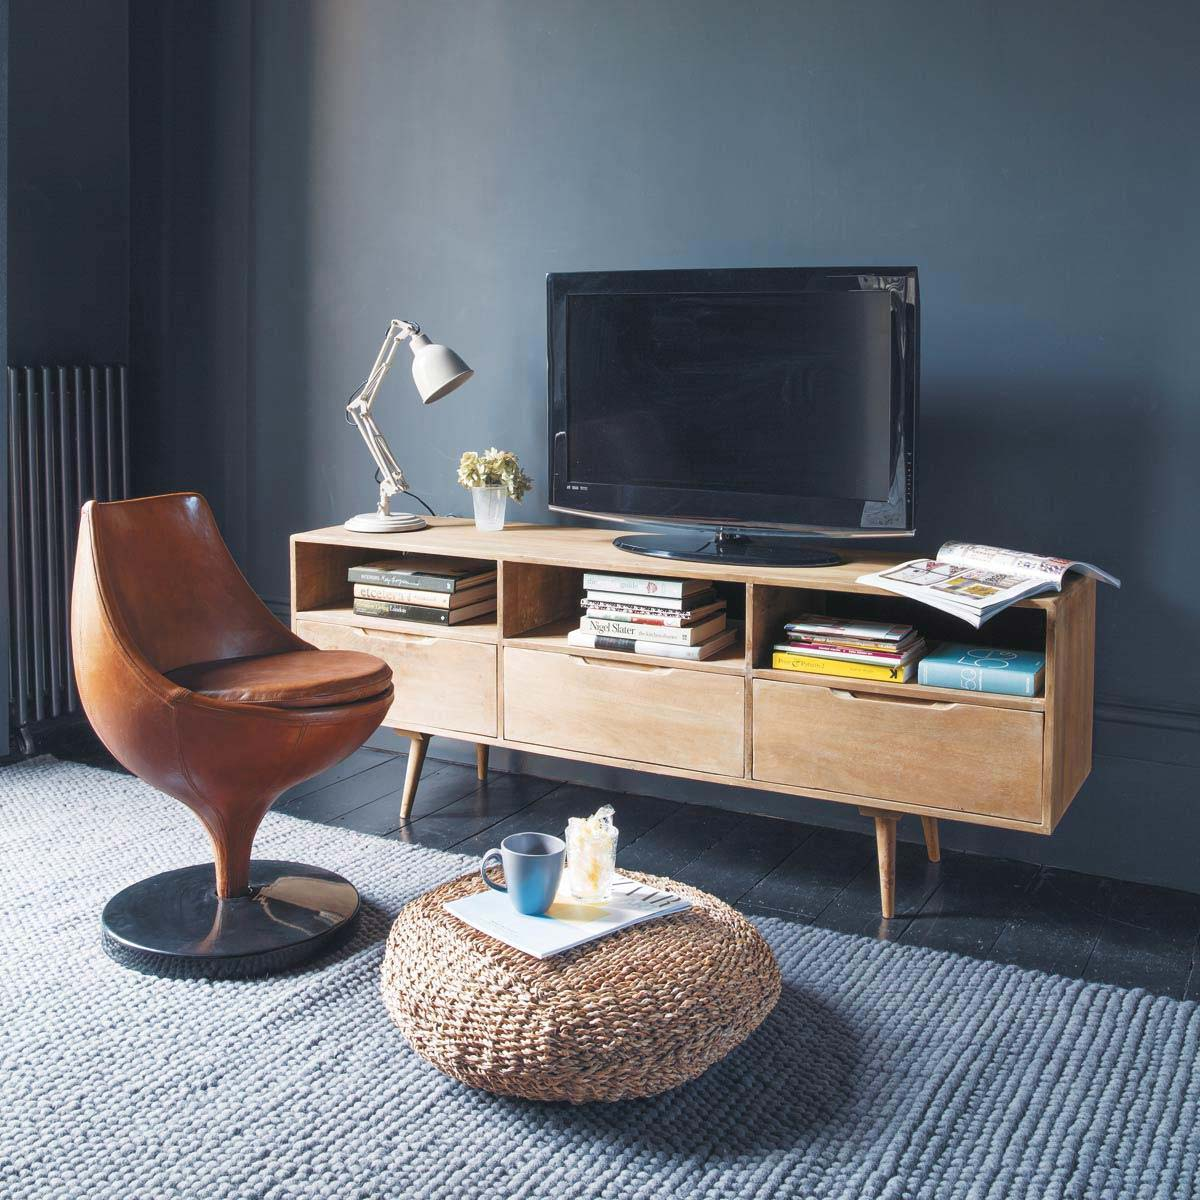 Meuble tv vintage maisons du monde for Maisons du monde email